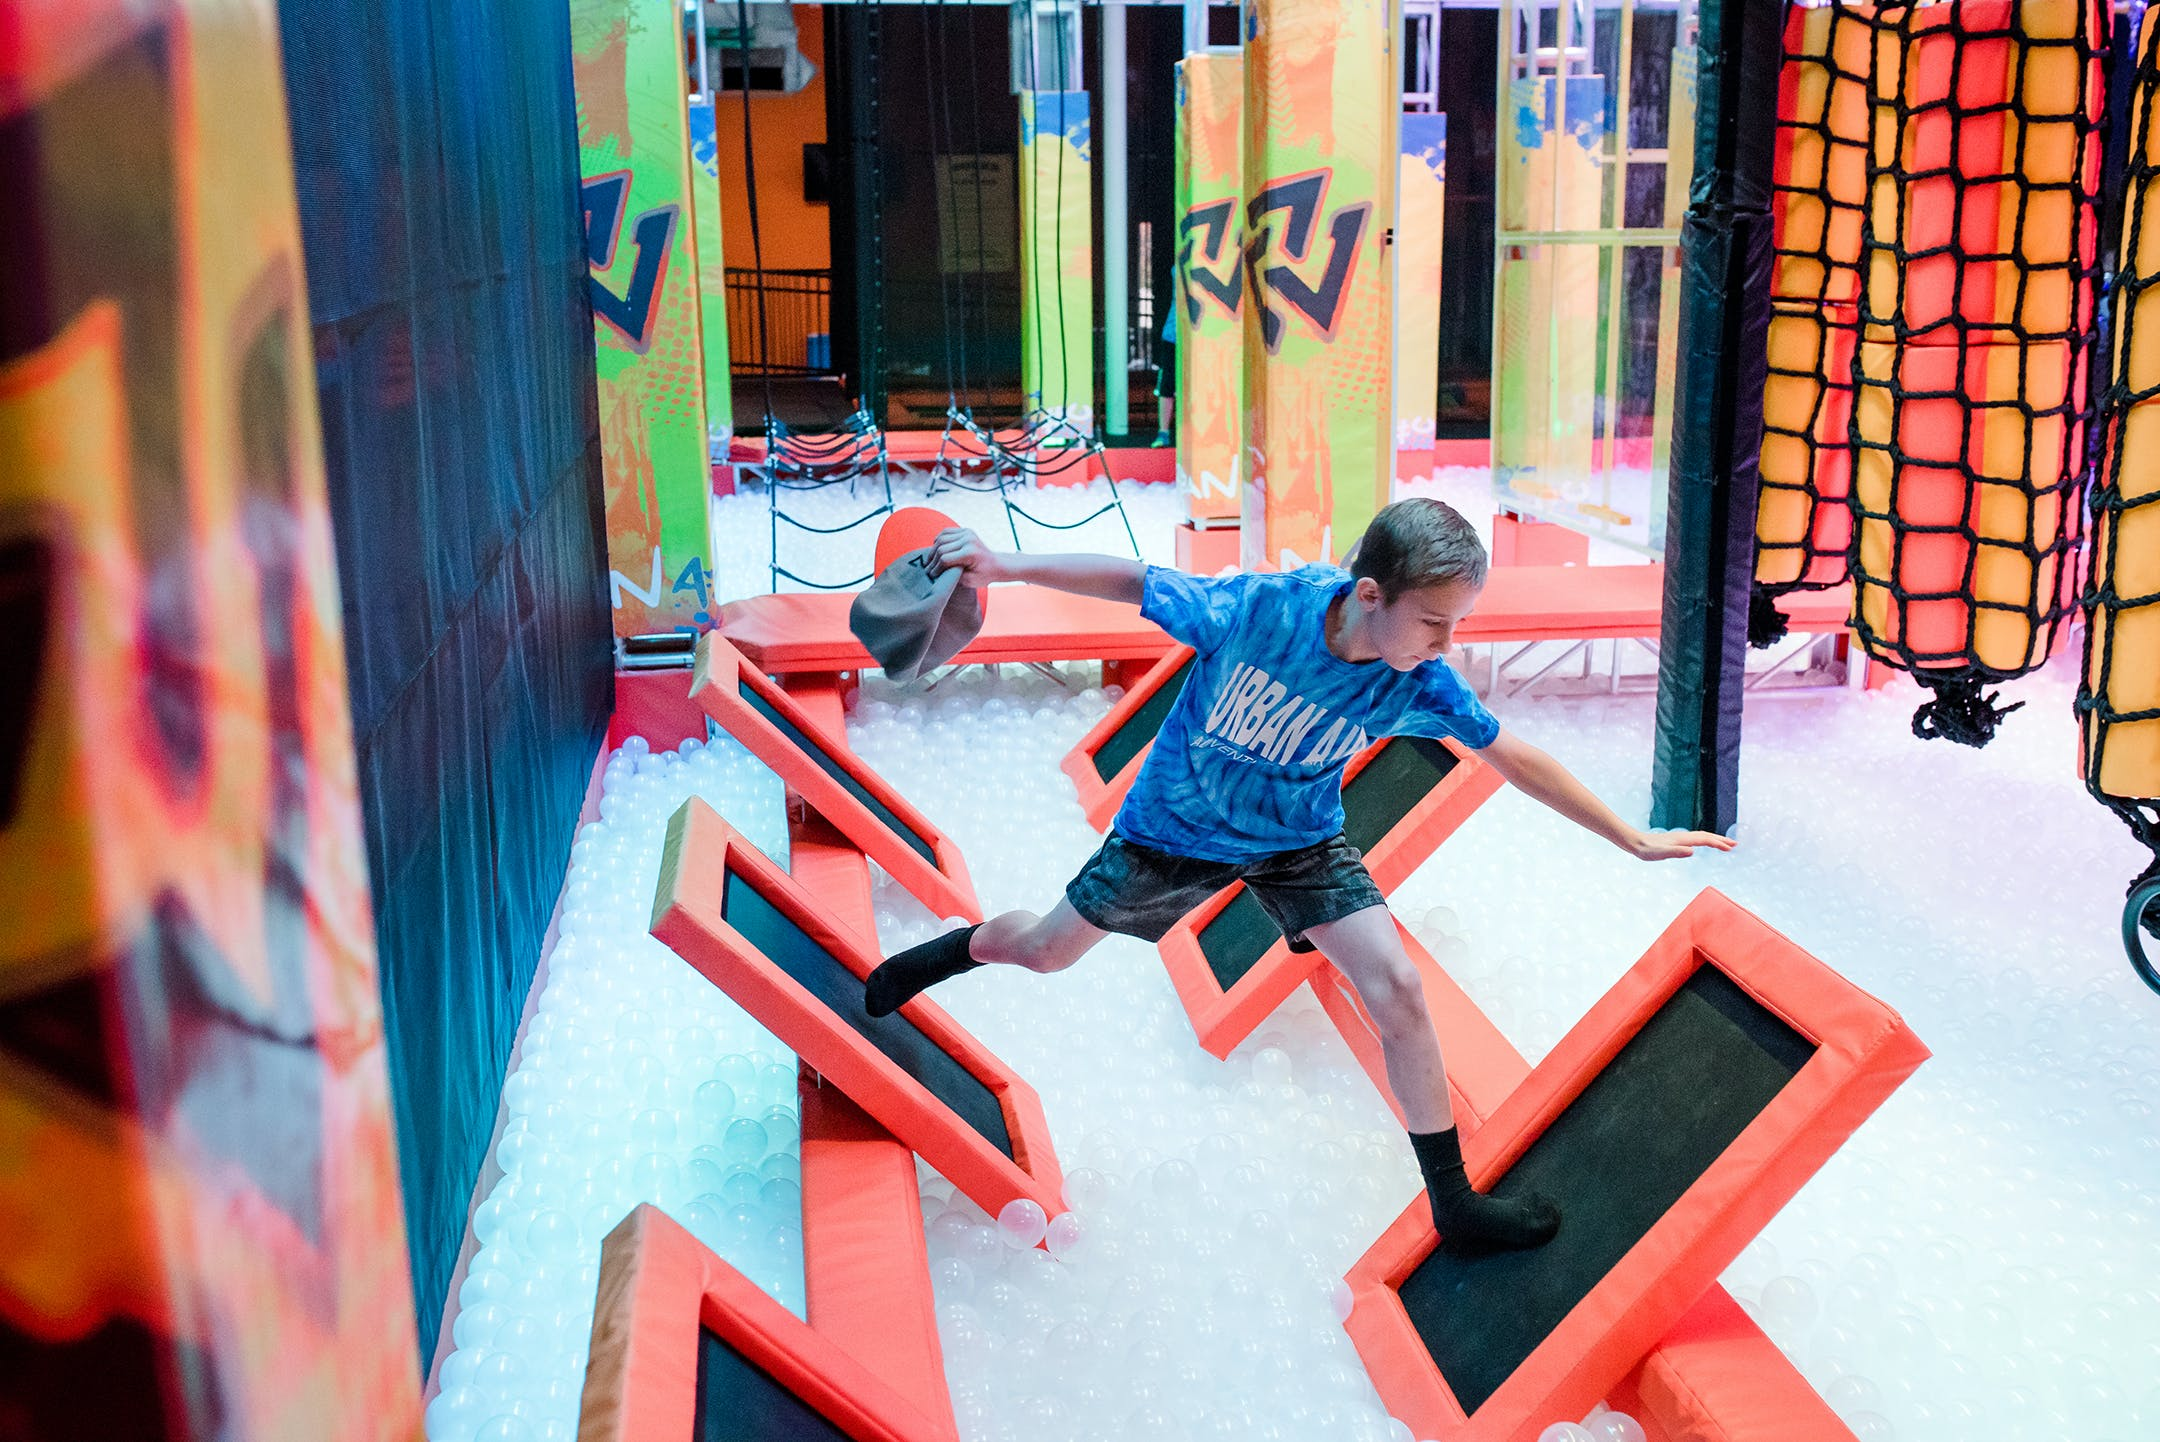 Urban Air Adventure Park Brings Exhilarating Indoor